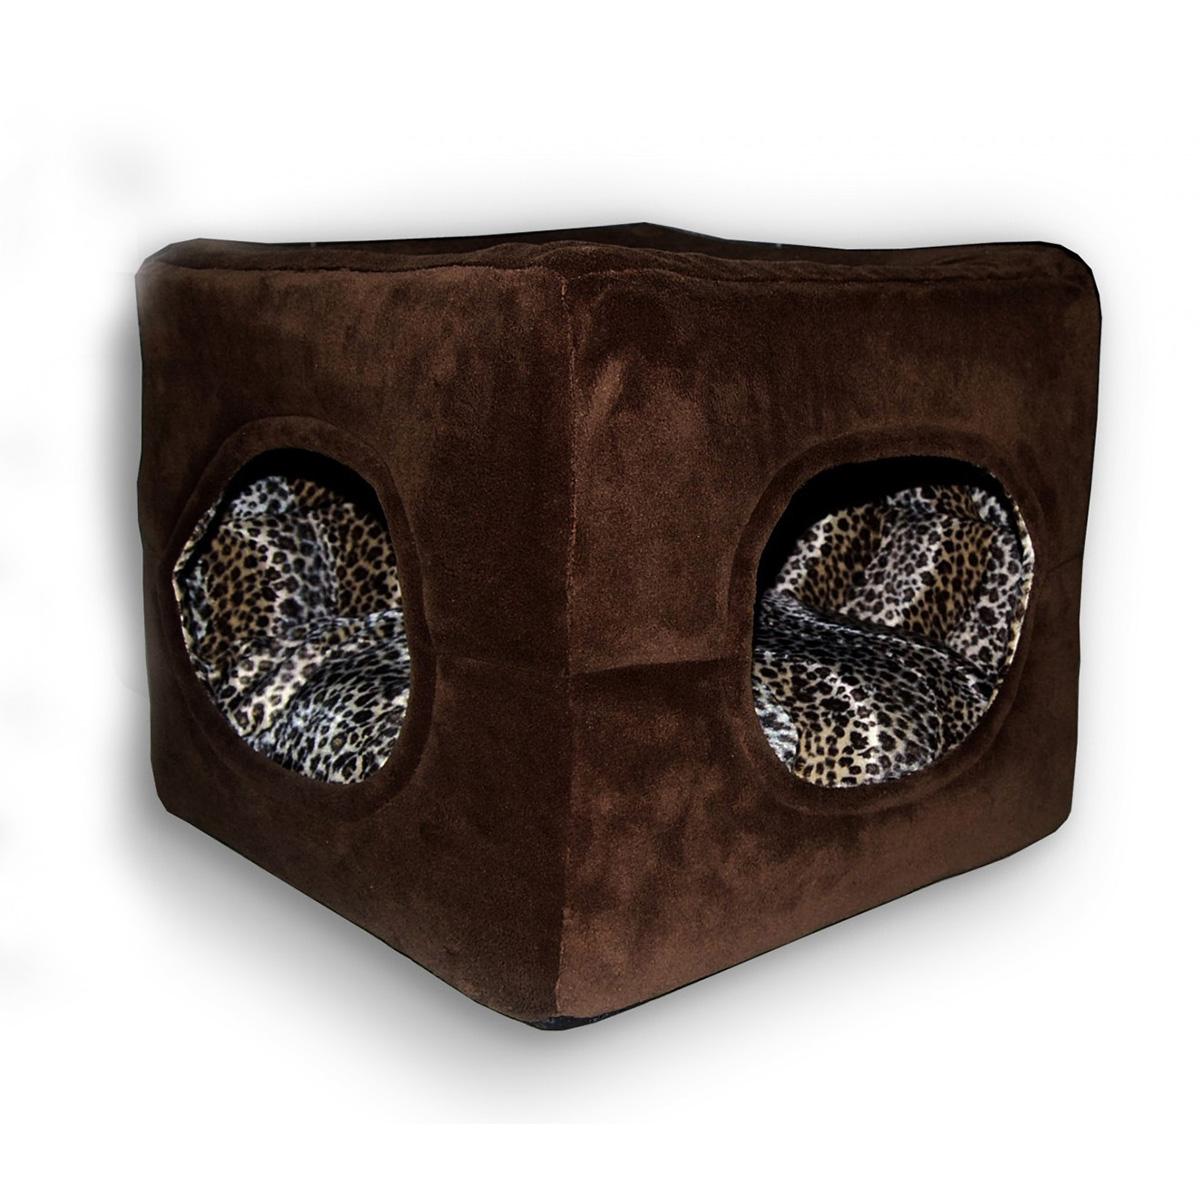 Deluxe 2 Door Pop Up Dog Tent/Bed by Hip Doggie - Chocolate Brown